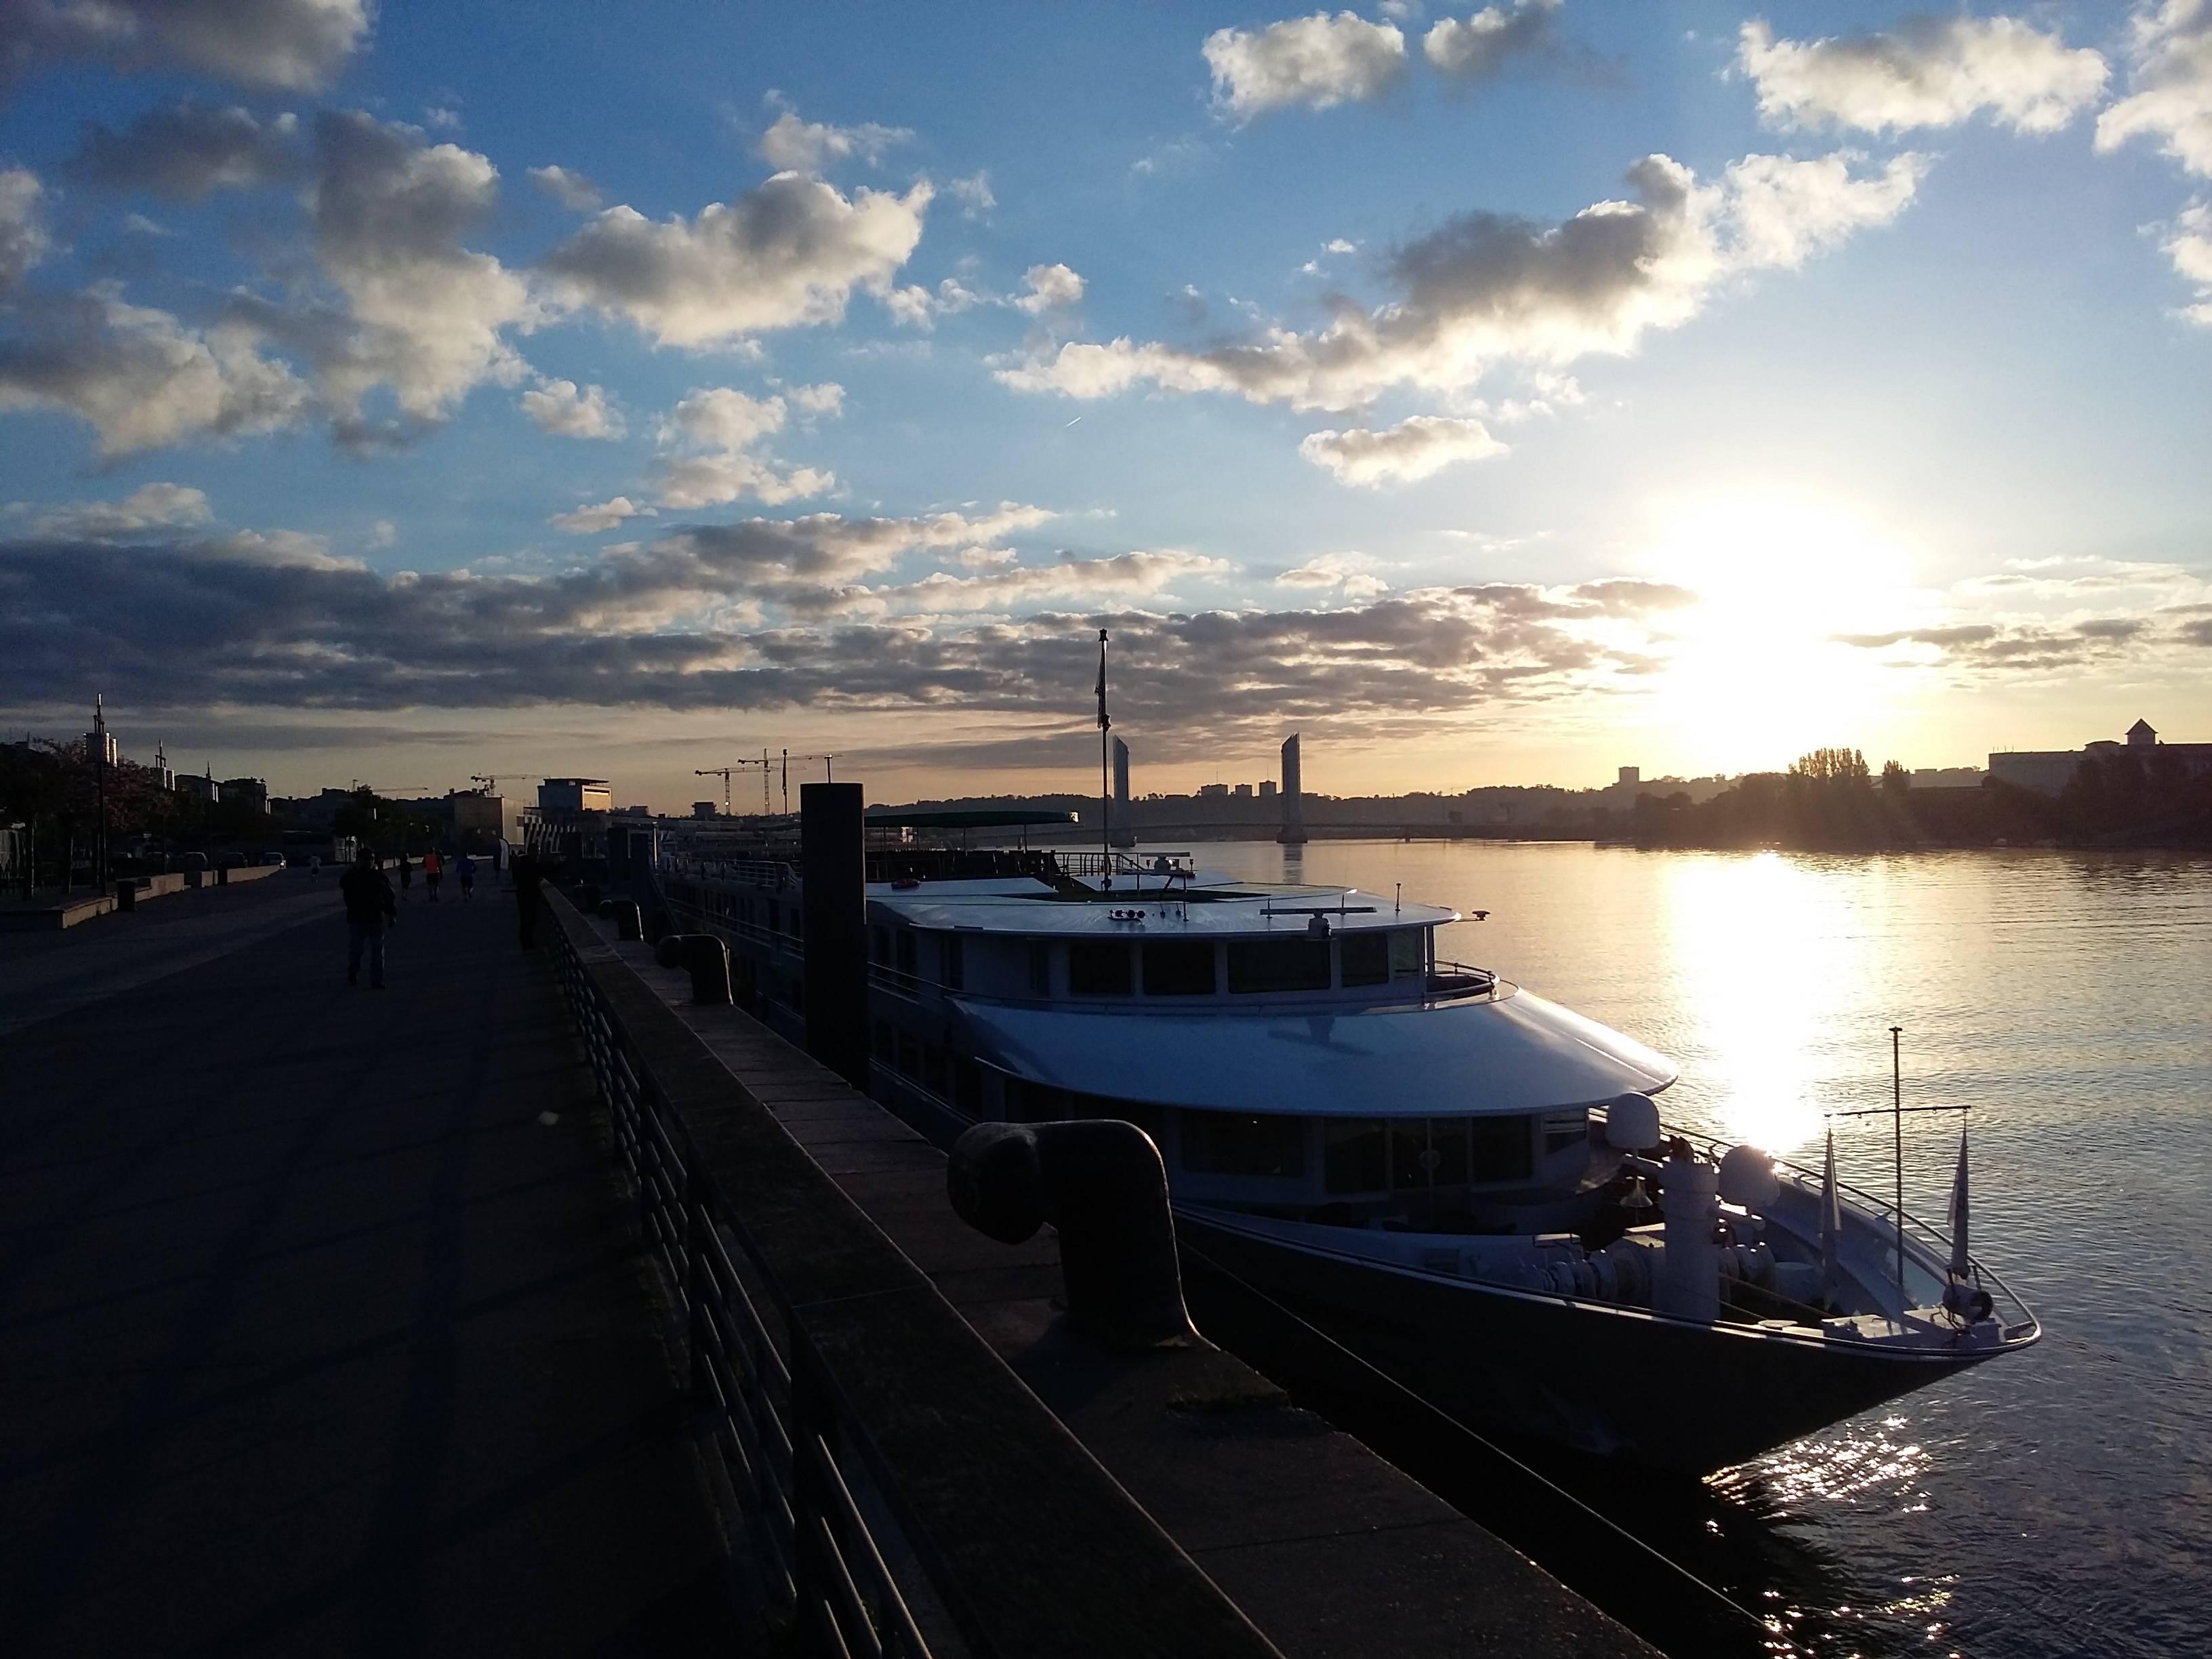 Photo 1: Lever de soleil sur les quais...